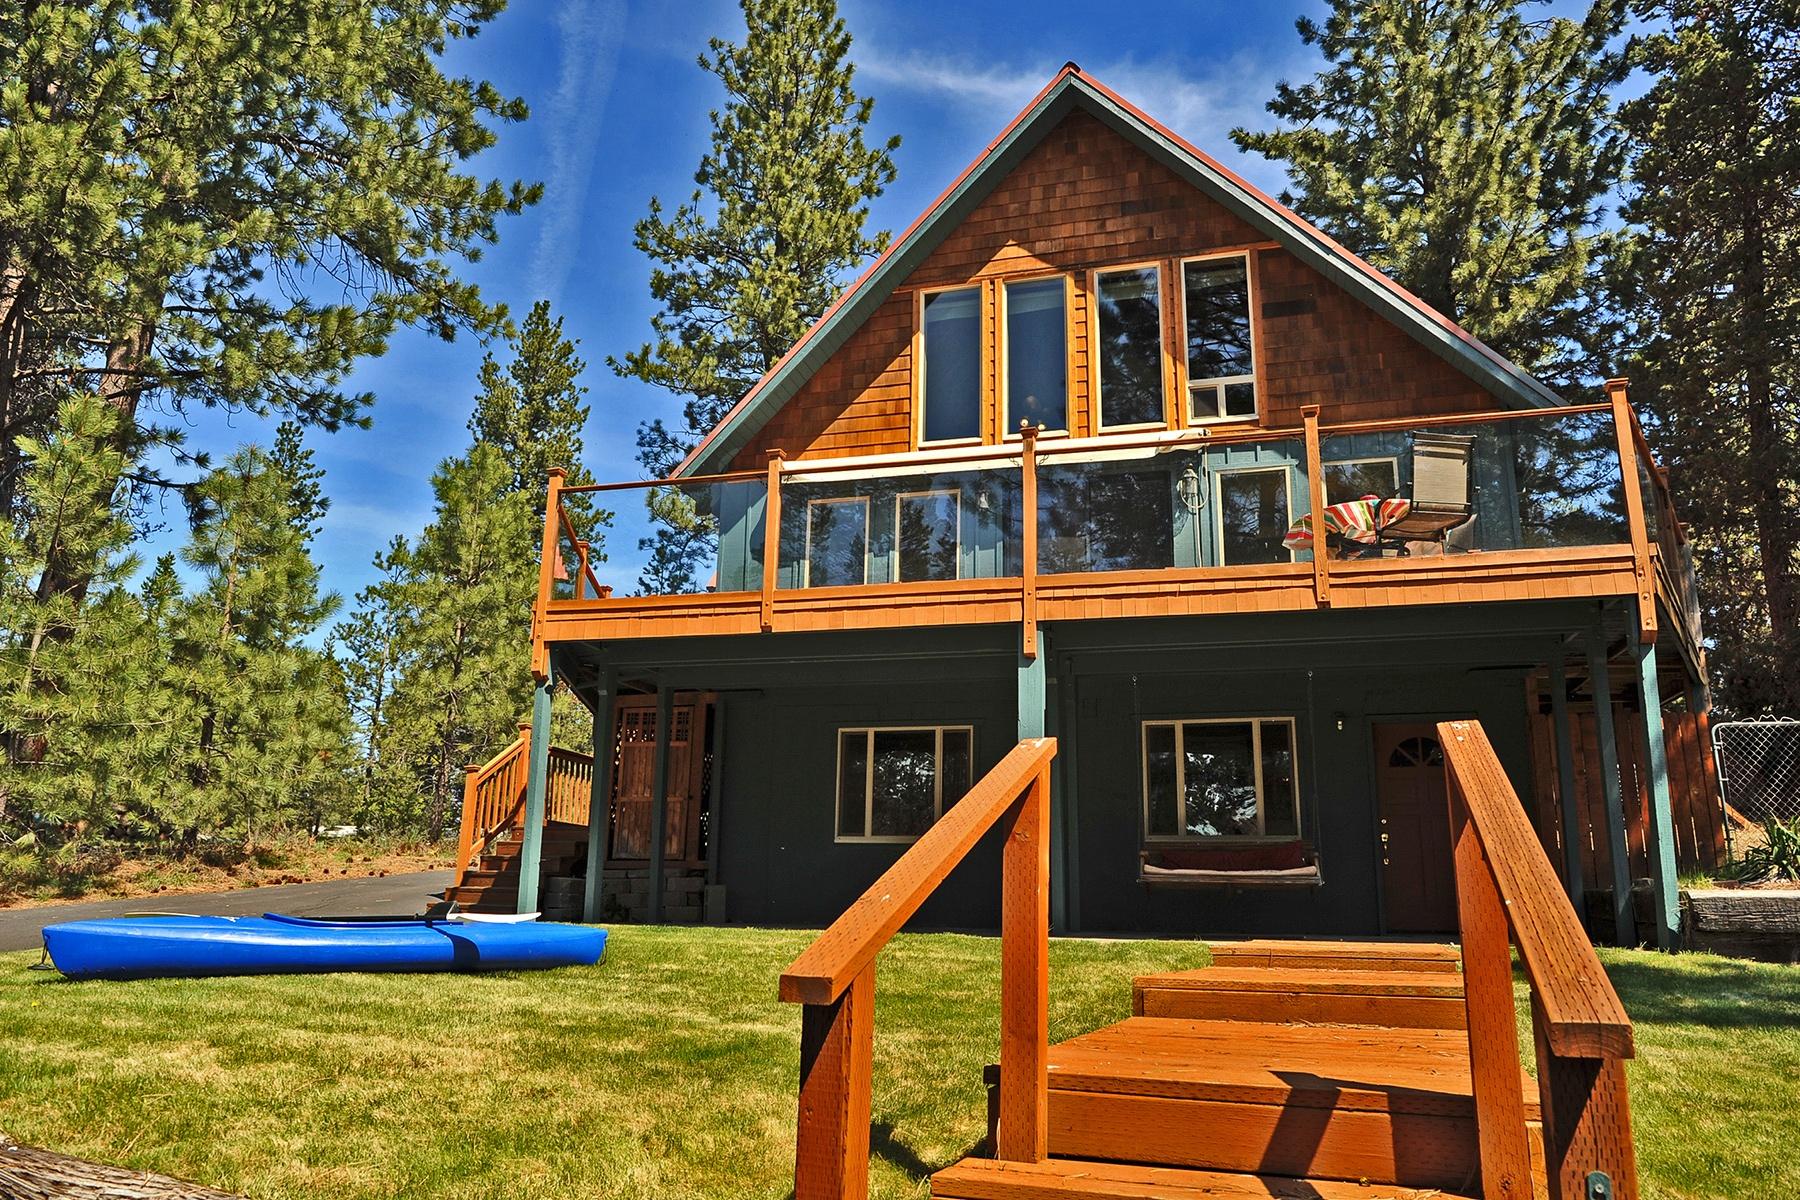 独户住宅 为 销售 在 Blue Heron Beauty- Deschutes Access 17199 Blue Heron Dr 本德, 俄勒冈州, 97707 美国